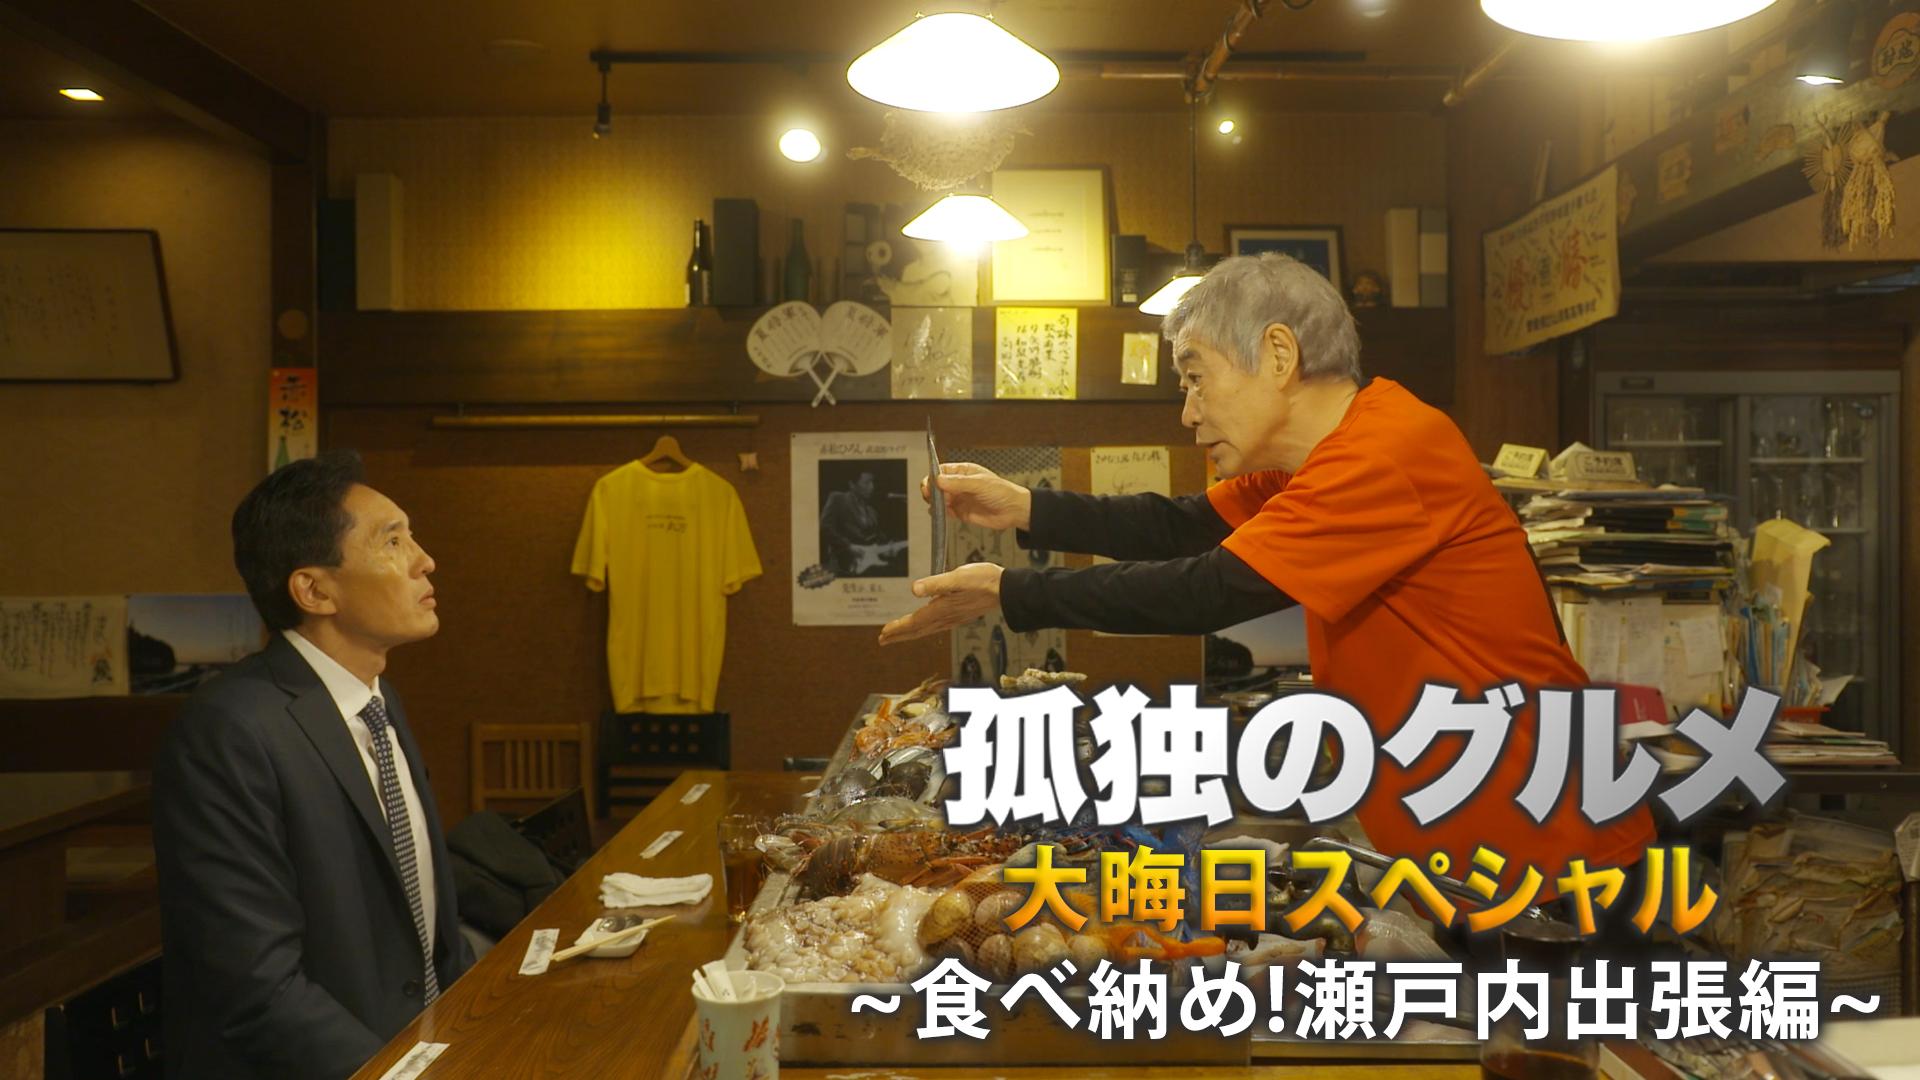 孤独のグルメ 大晦日スペシャル~食べ納め!瀬戸内出張編~ 動画